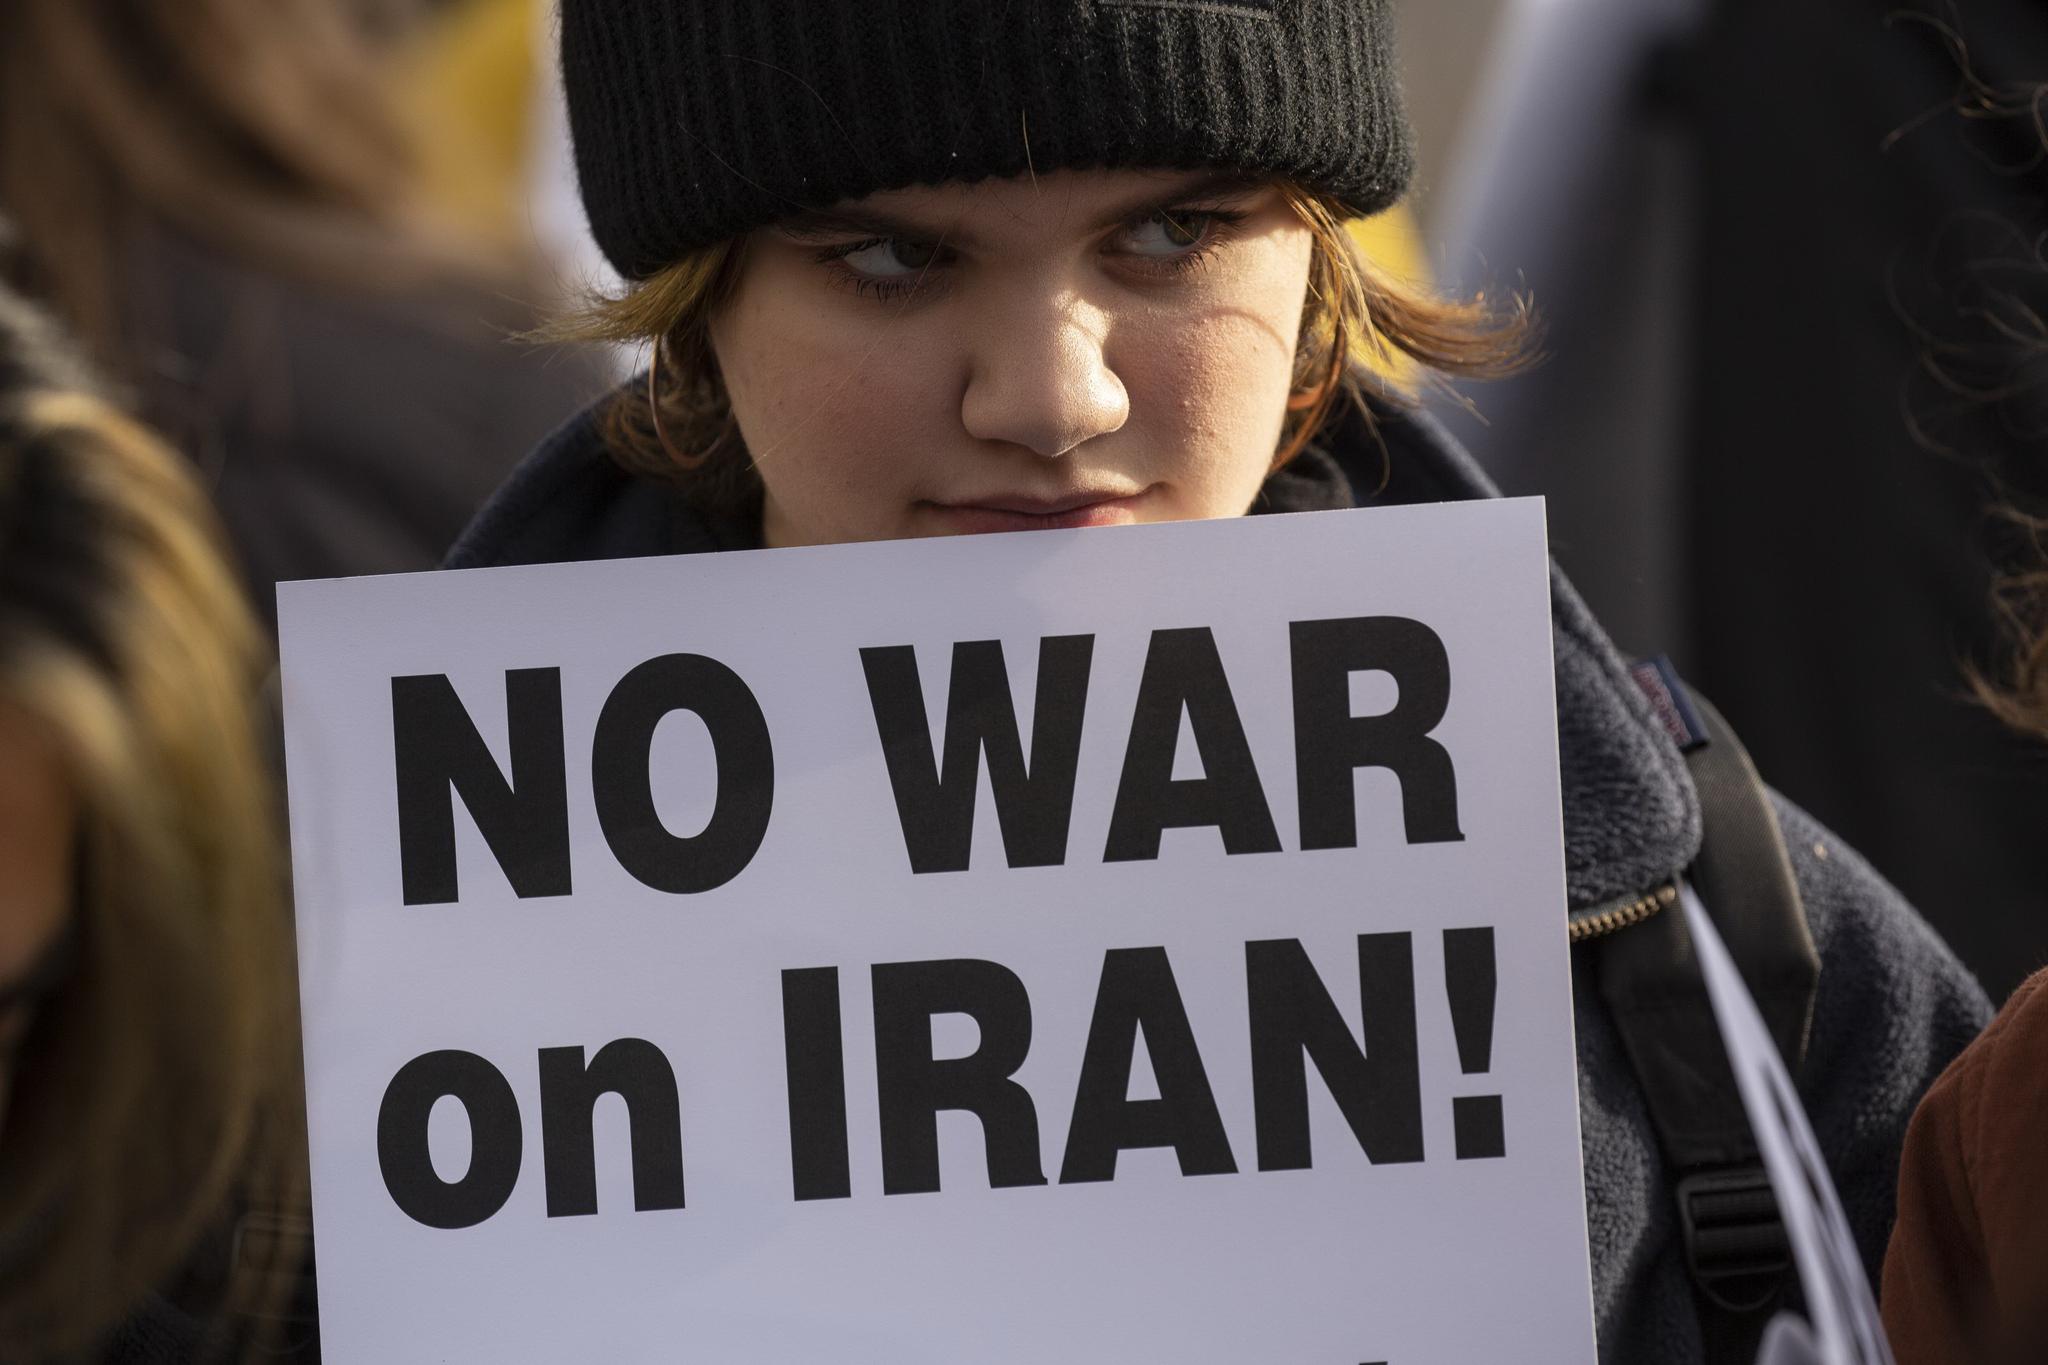 미국 워싱턴주 시애틀에서 4일 반전 시위에 참석한 여성이 '이란과의 전쟁 반대' 피켓을 들고 있다. 미국이 이란 혁명수비대 사령관을 공습으로 살해한 뒤 긴장이 고조되자 4일부터 미국 전역에서는 반전 시위가 확산하고 있다. [AFP=연합뉴스]